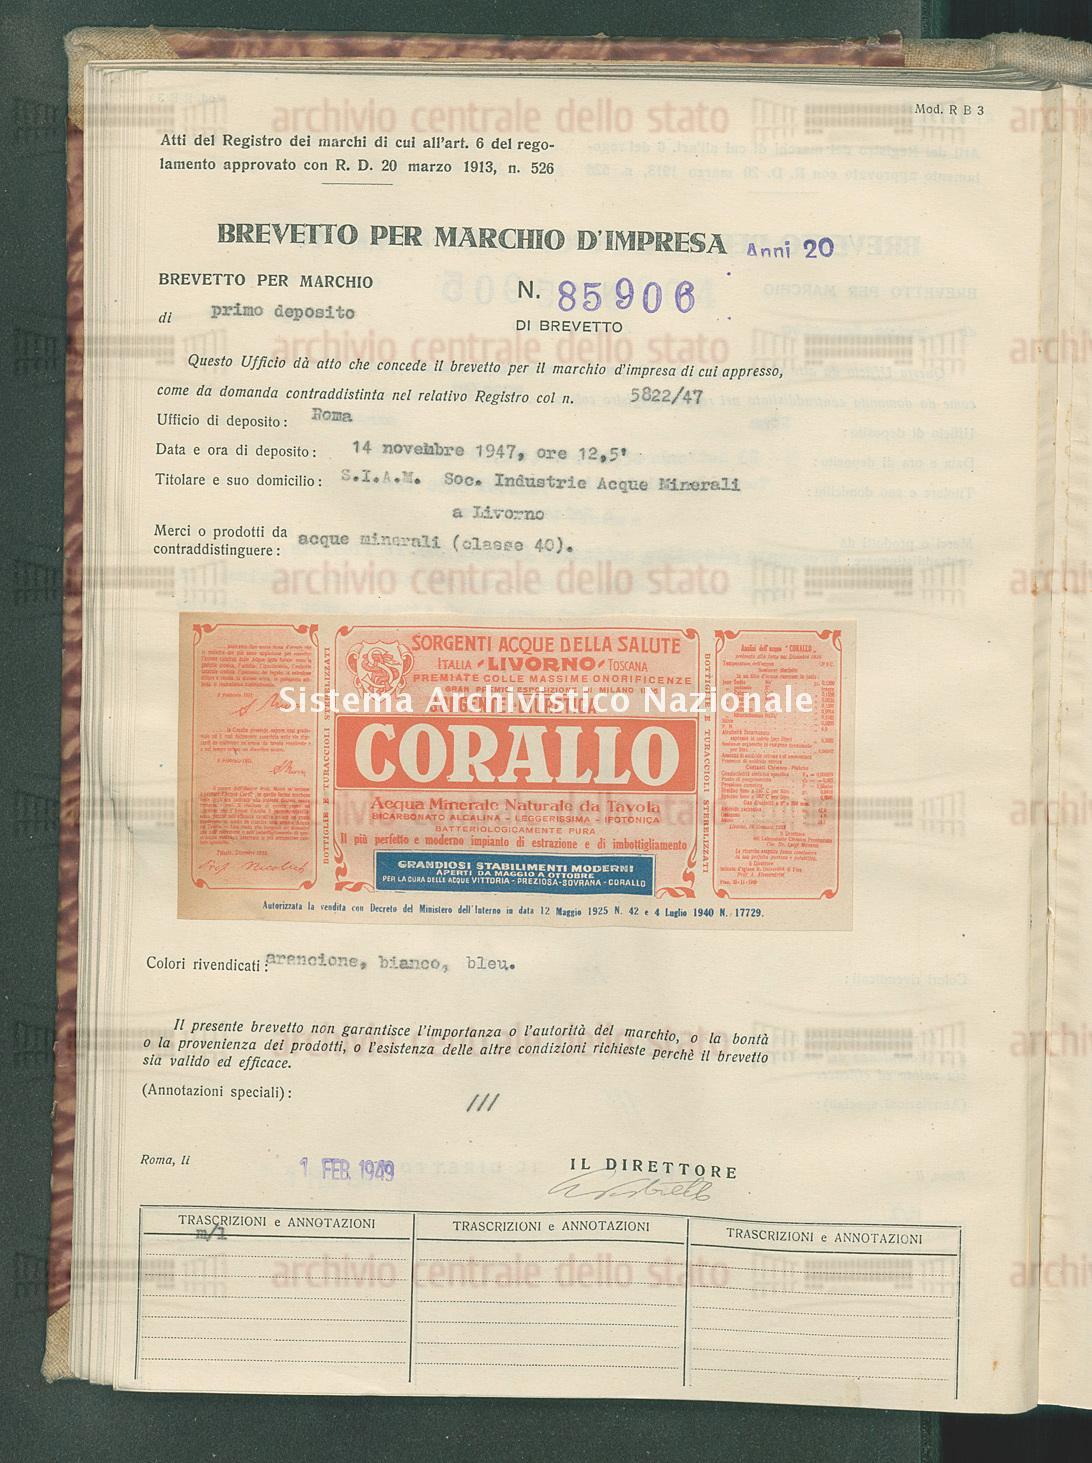 Acque minerali S.I.A.M. Soc.Industria Acque Minerali (01/02/1949)